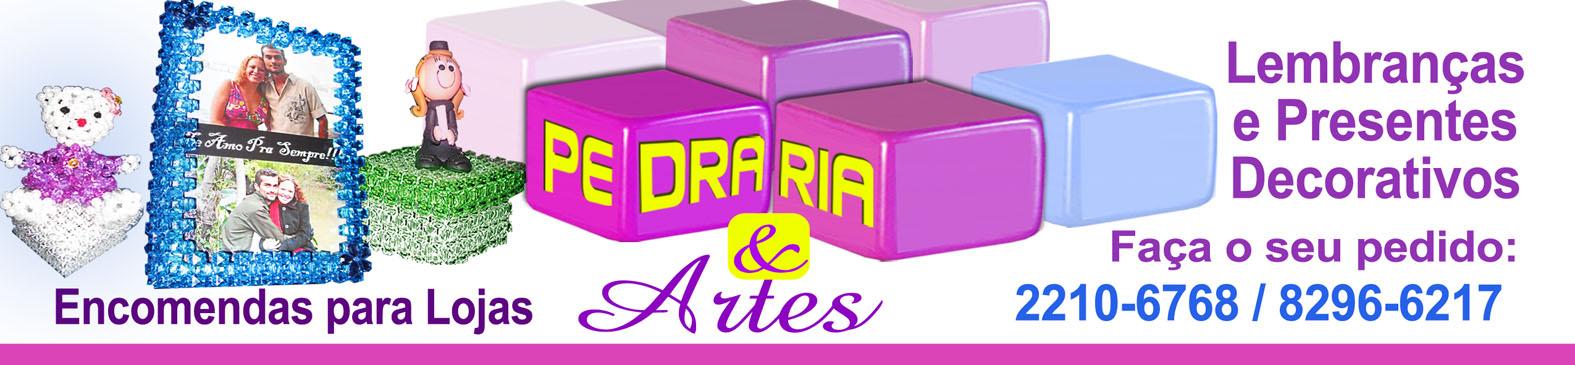 Pedraria & Artes - Decoração